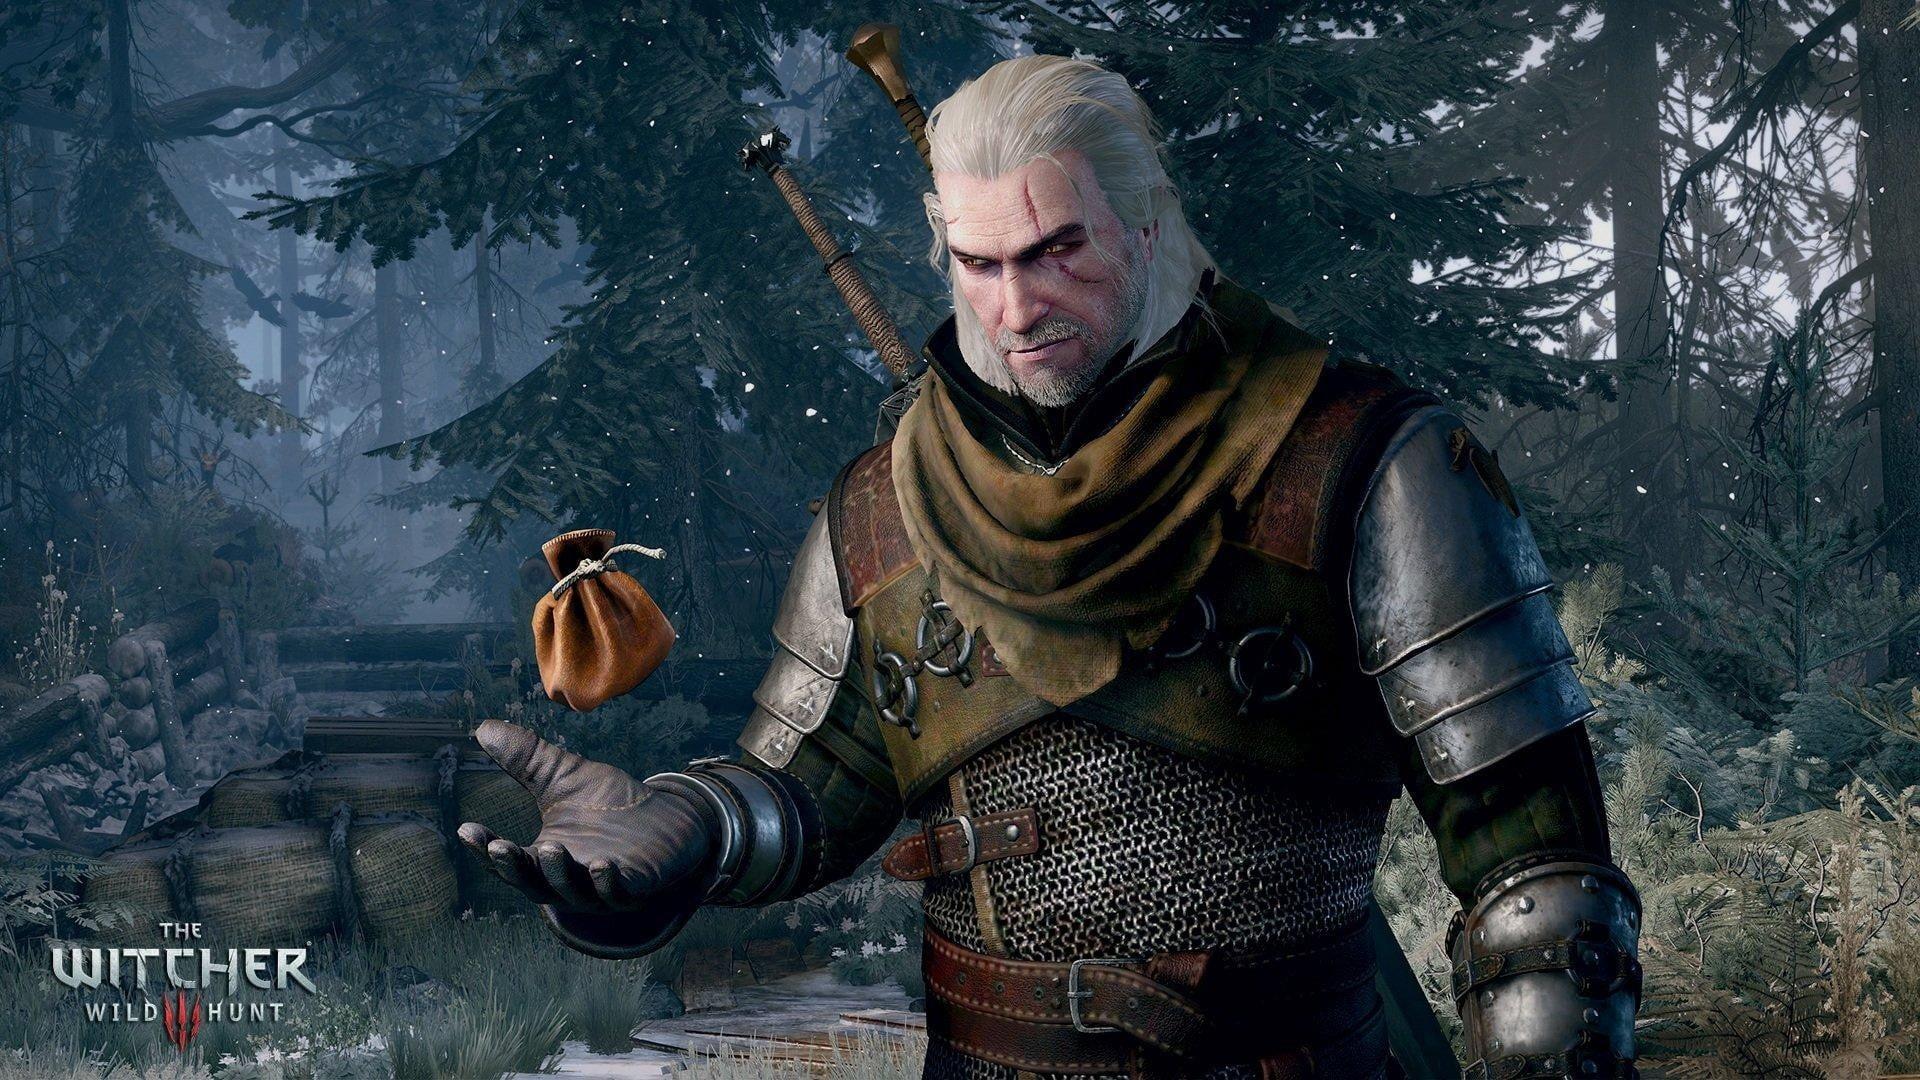 Witcher 3 oraindik ere bikain saltzen.  CD Projekt RED-ek lurraren bertsioaren emaitza harrotu zuen